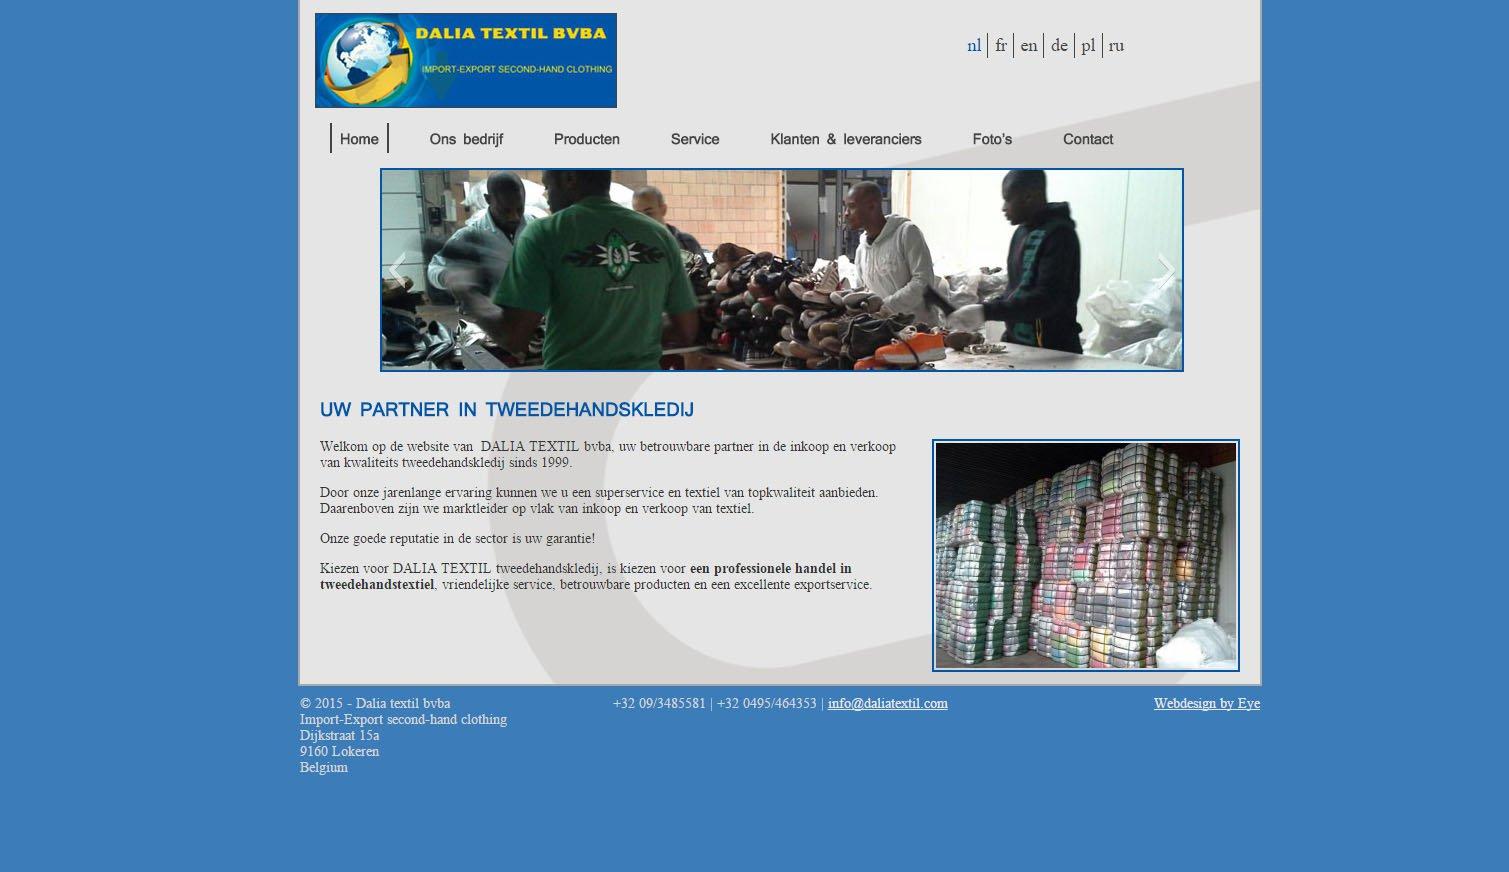 Dalia Textil